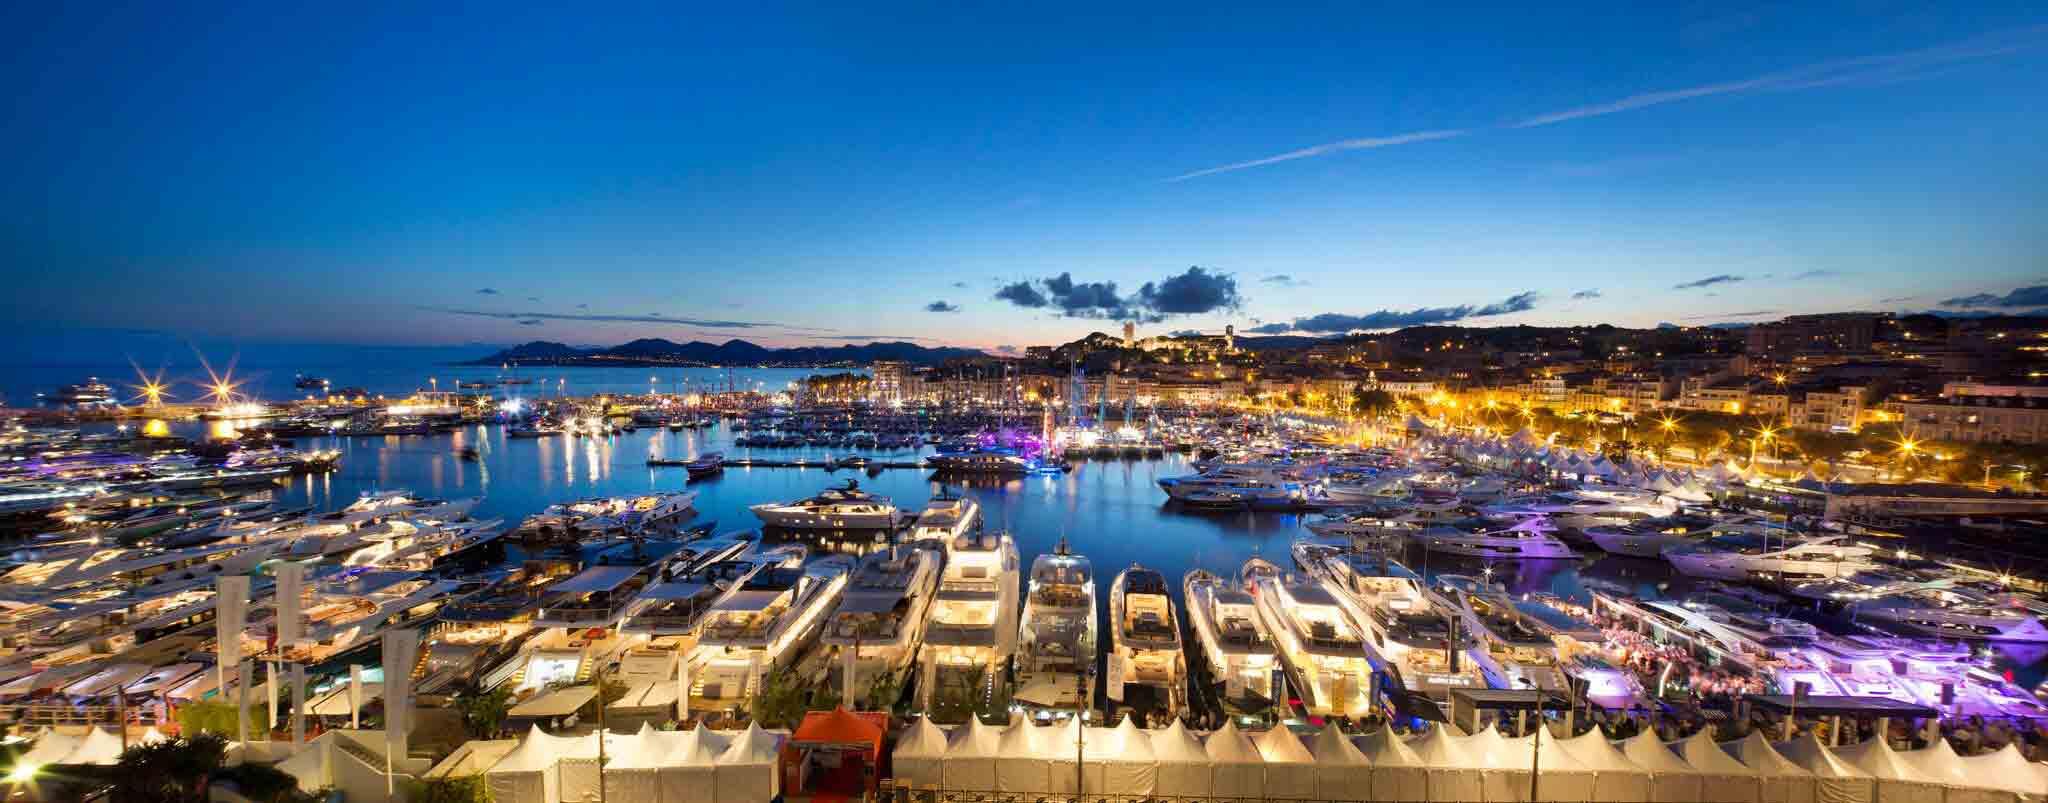 """Résultat de recherche d'images pour """"Yachting festival Cannes"""""""